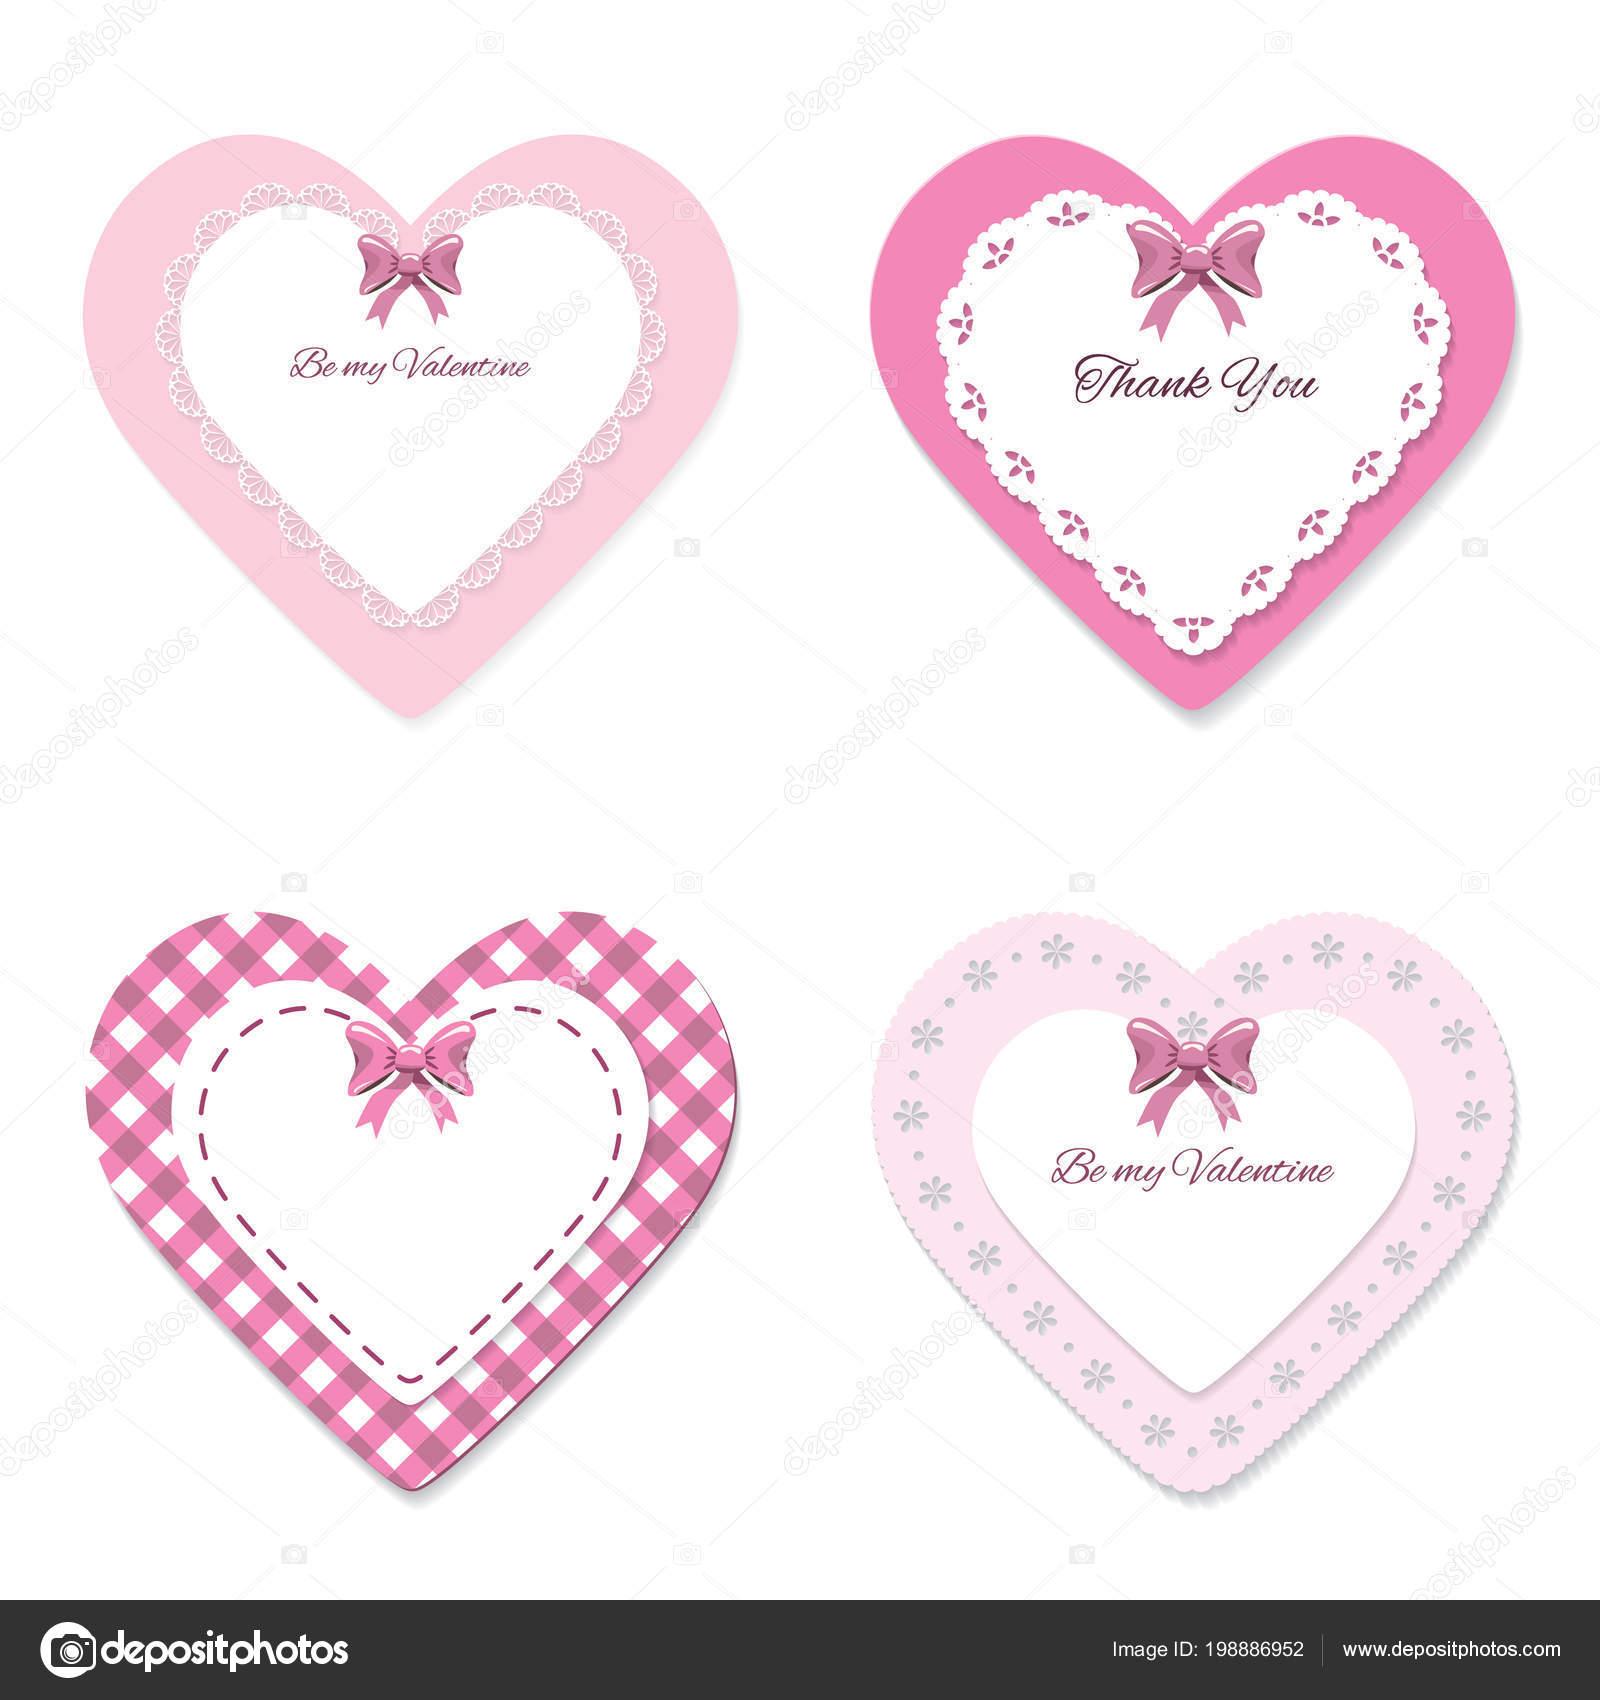 Niedliche Lacy Hearts Reihe Girly Scrapbook Design Valentinstag ...